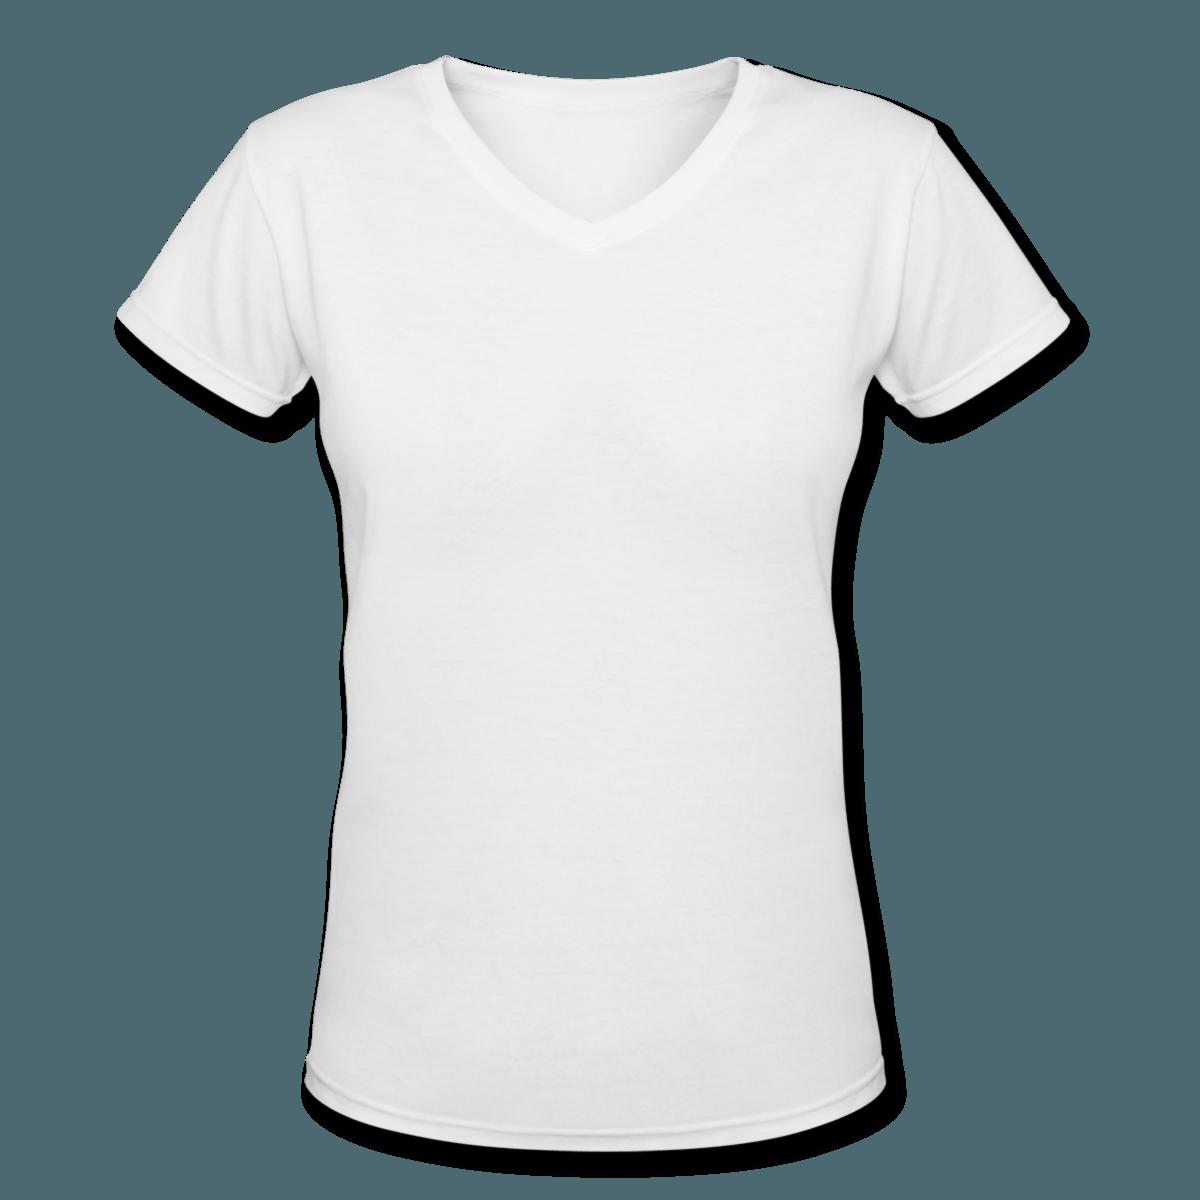 Plain white v neck t shirt clipart best for Plain t shirt template